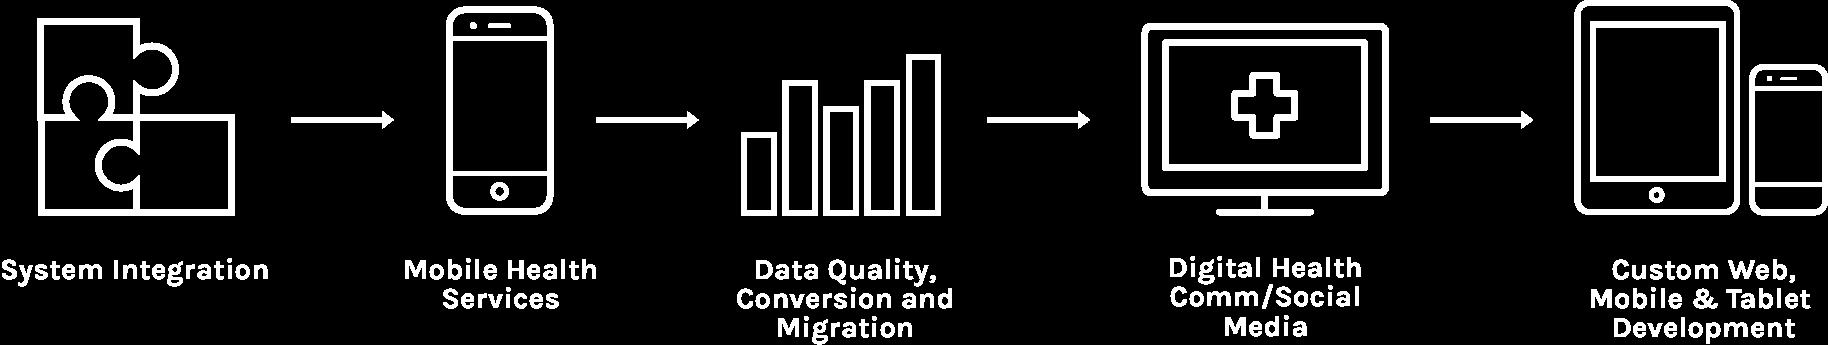 infographic1-healthit